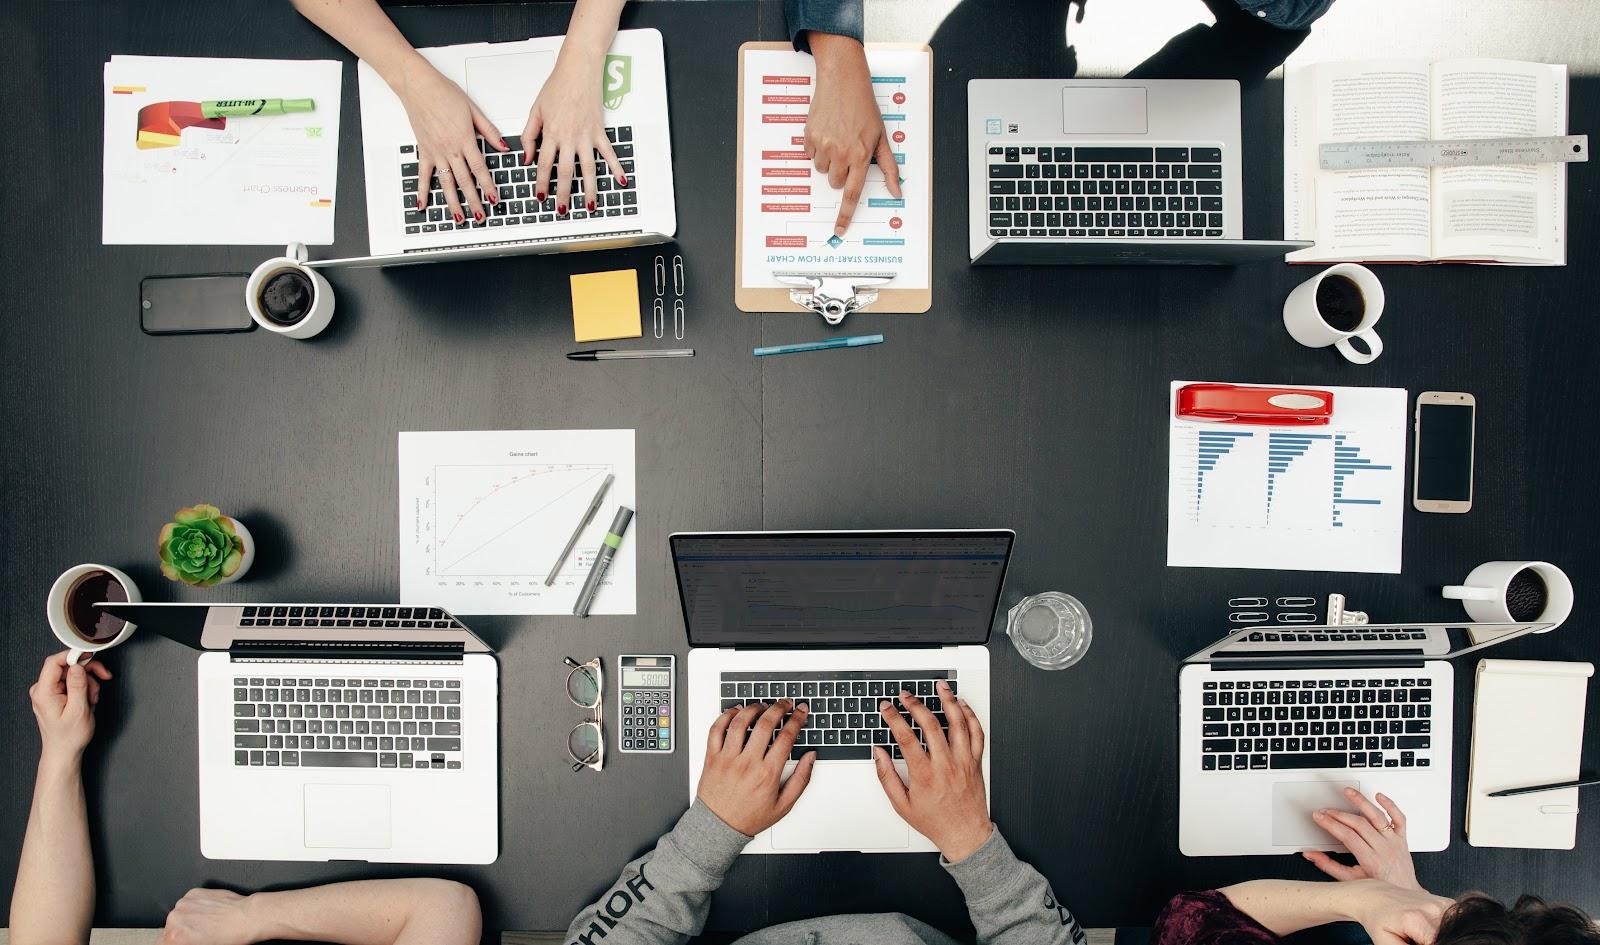 Team cooperation - successful entrepreneurs